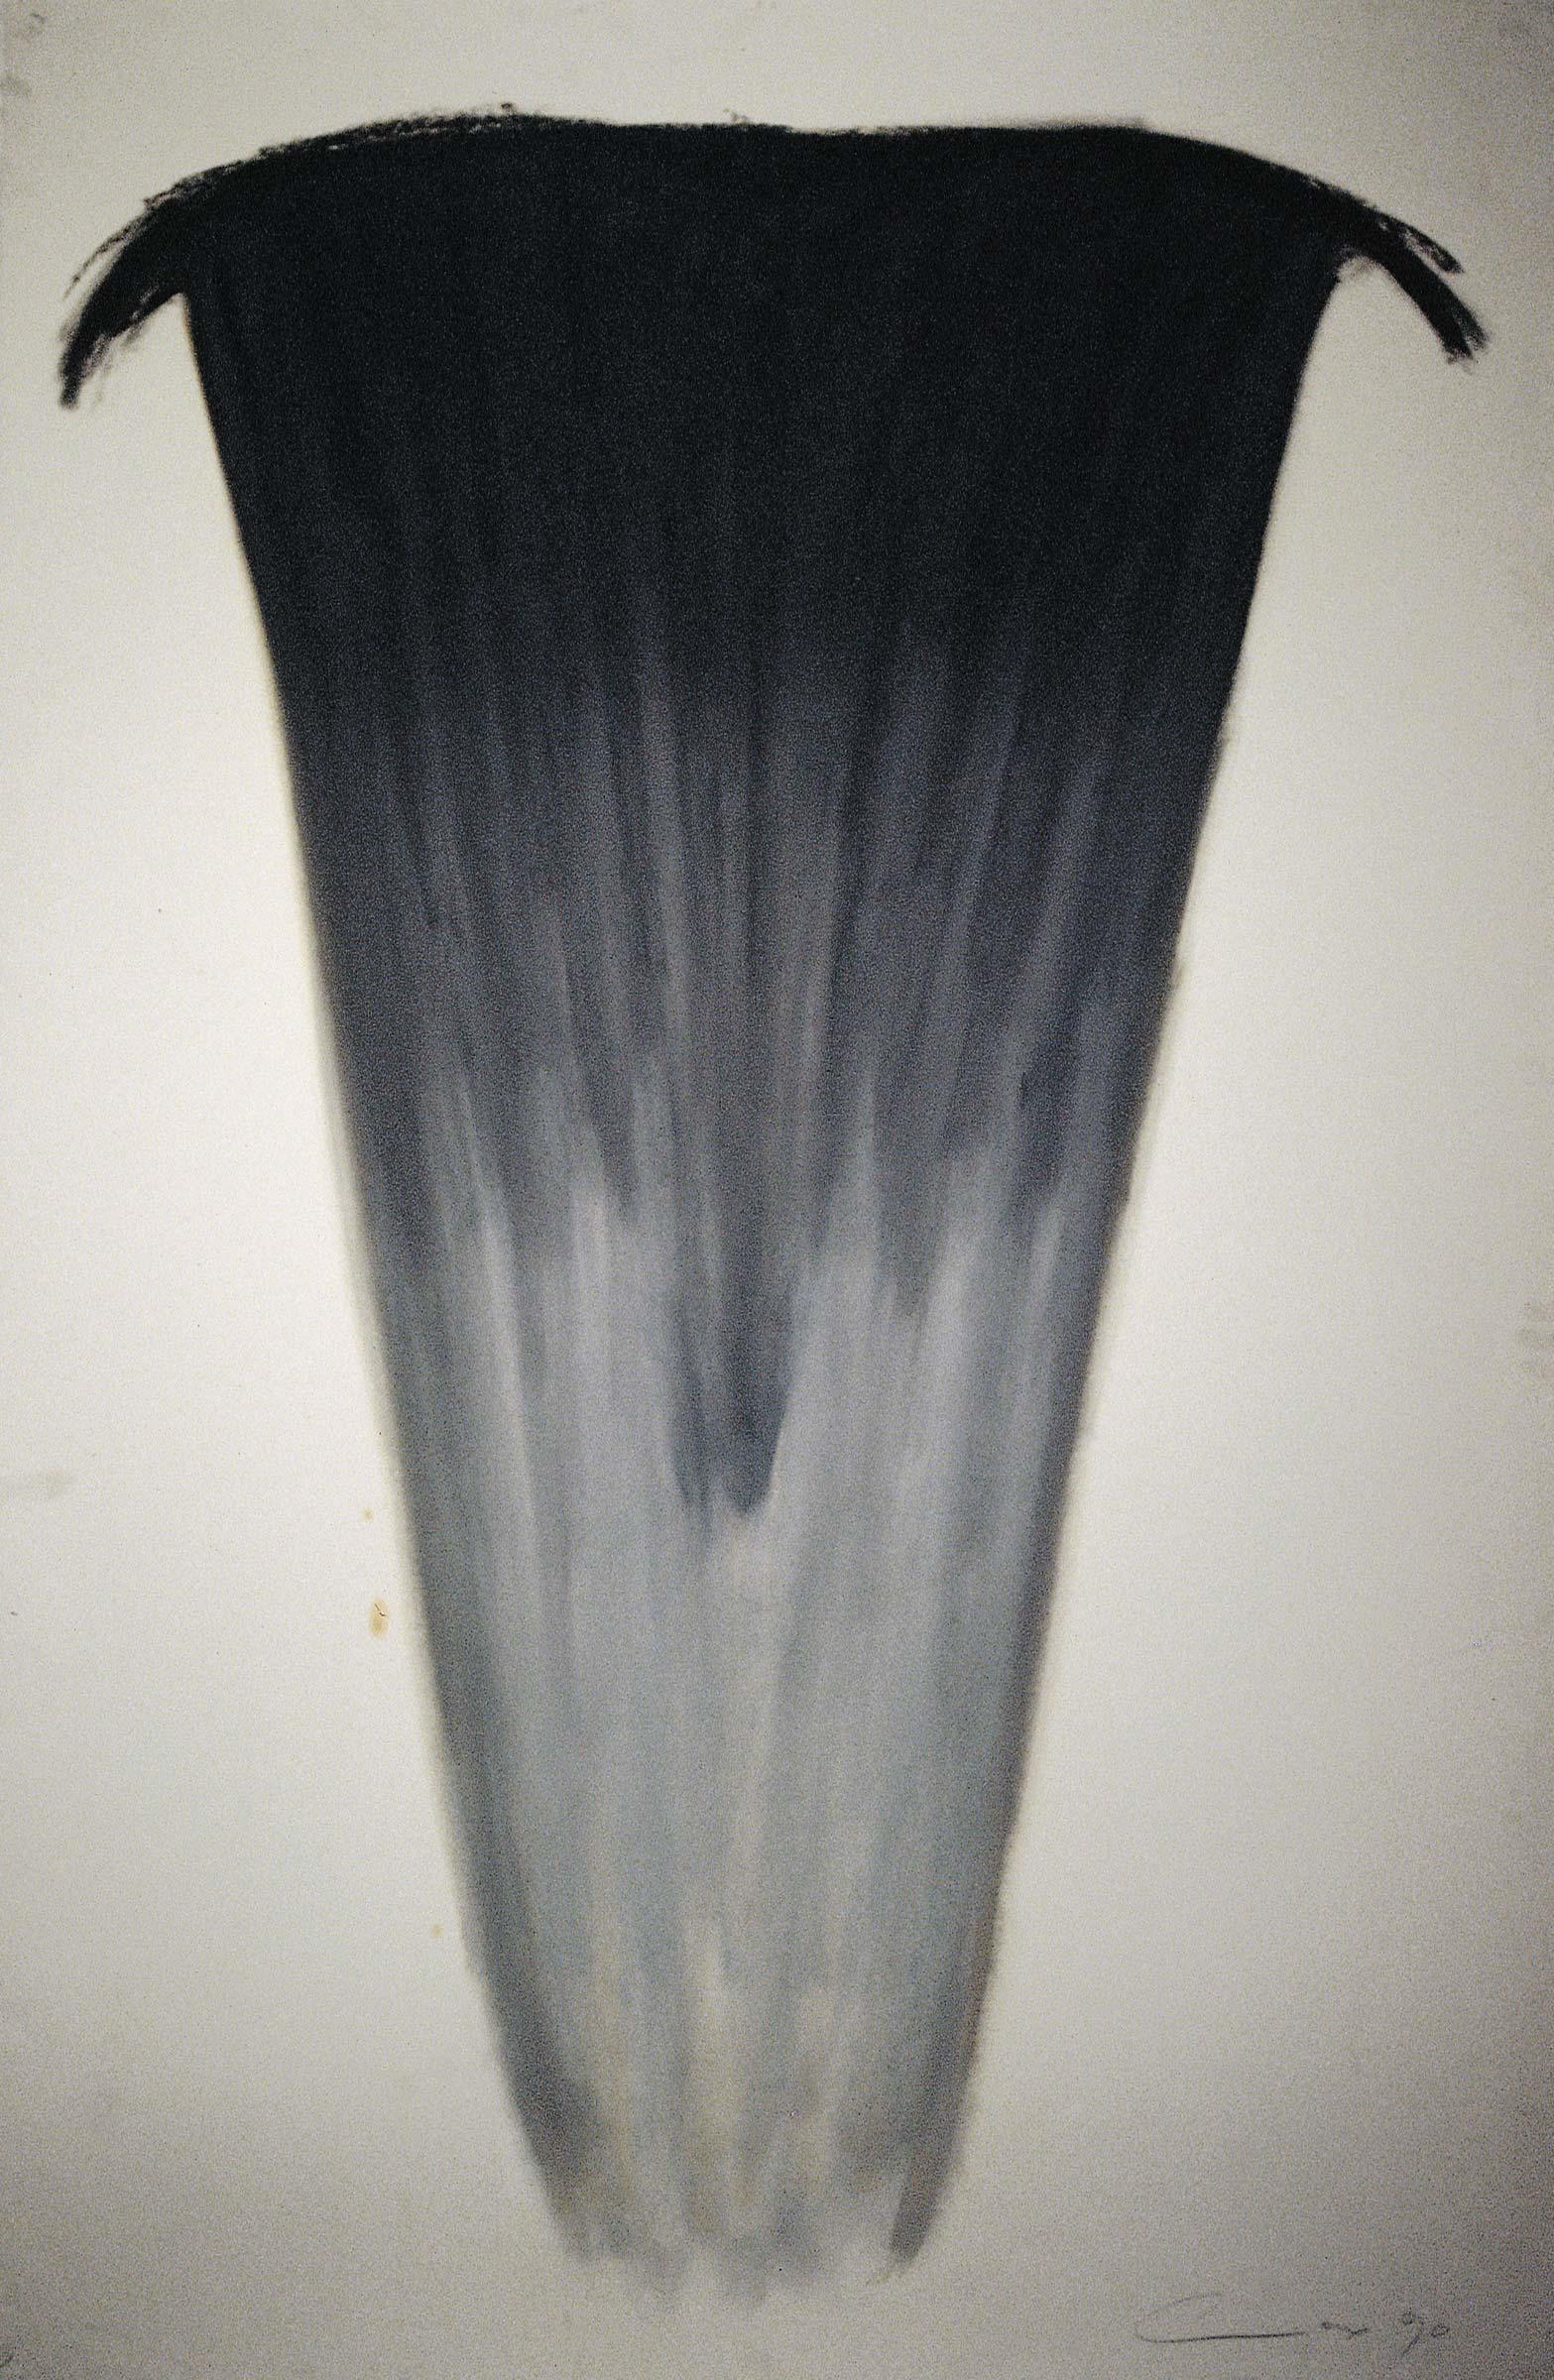 12_Vessel-drawings-1990-3_ws.jpg